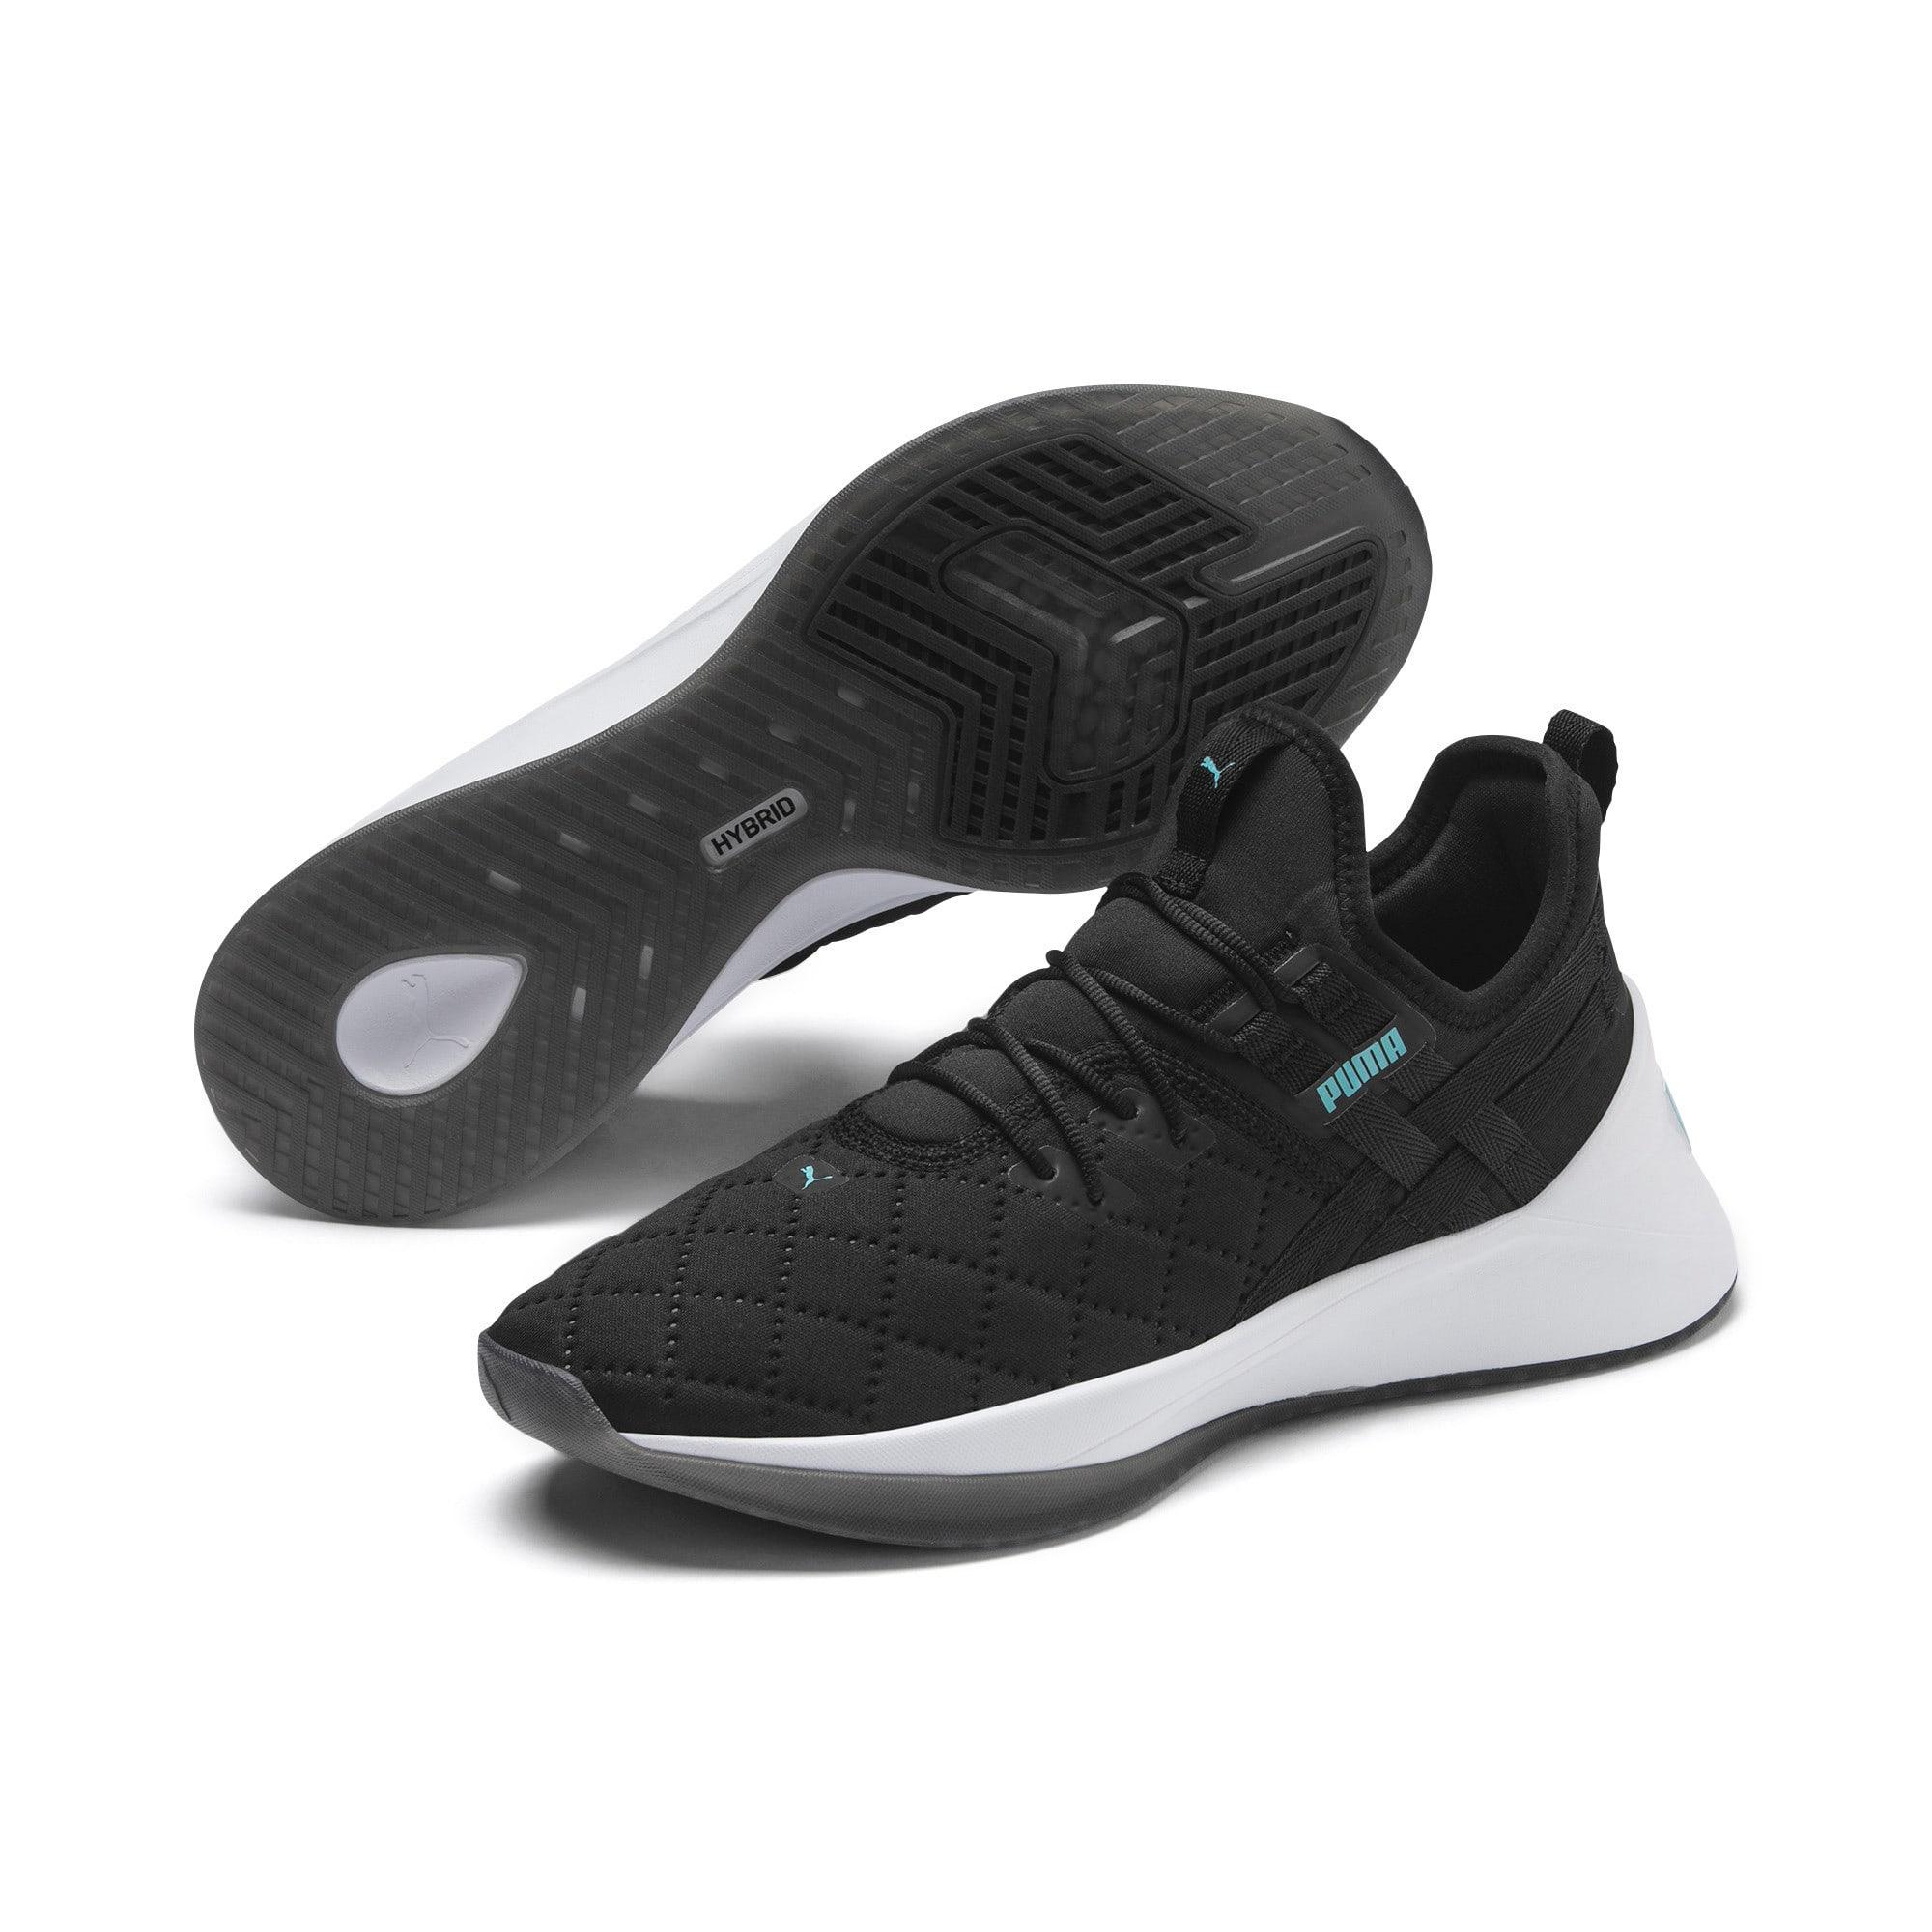 Miniatura 2 de Zapatos deportivos Jaab XT Quilt para mujer, Puma Black-Puma White, mediano